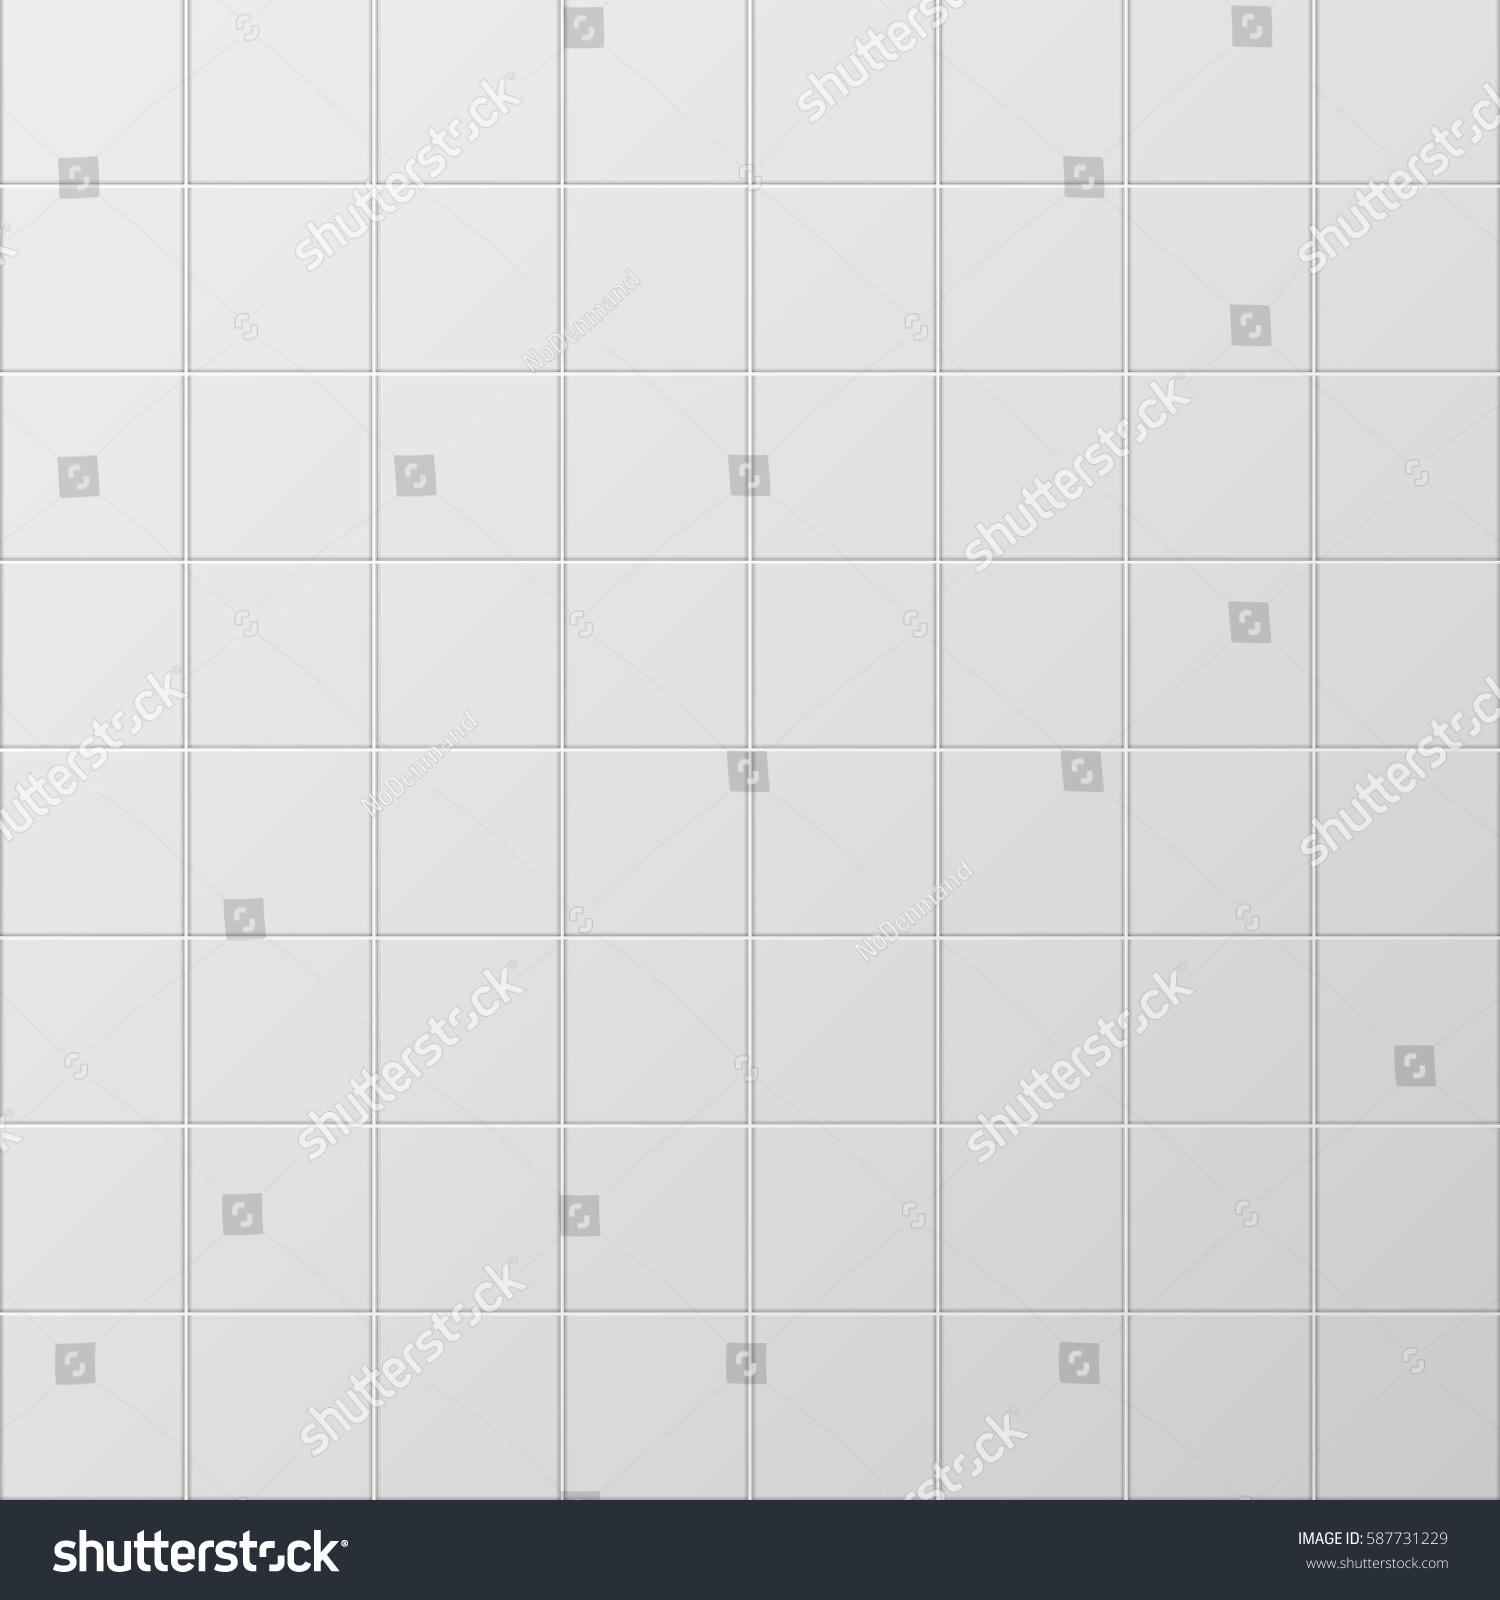 Subway Tile Background Illustration Rectangular Horizontal White Tiles Background Stock